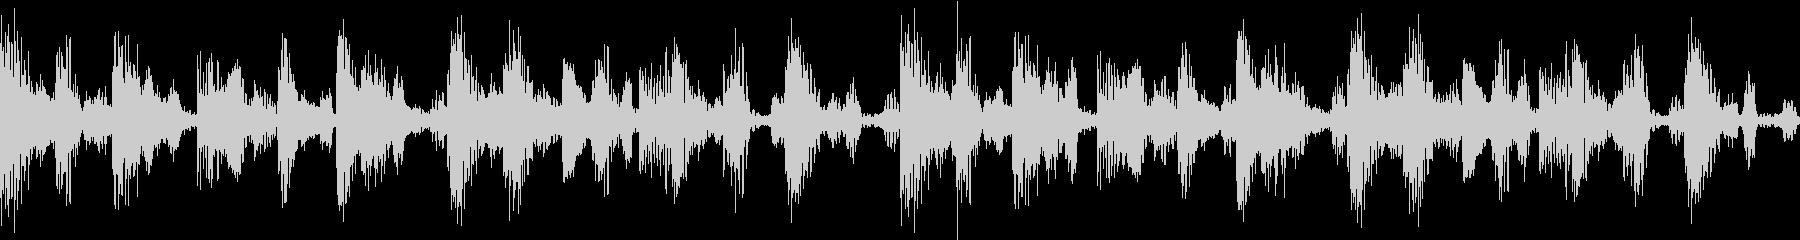 エレピのリフが印象的なアシッドジャズの未再生の波形